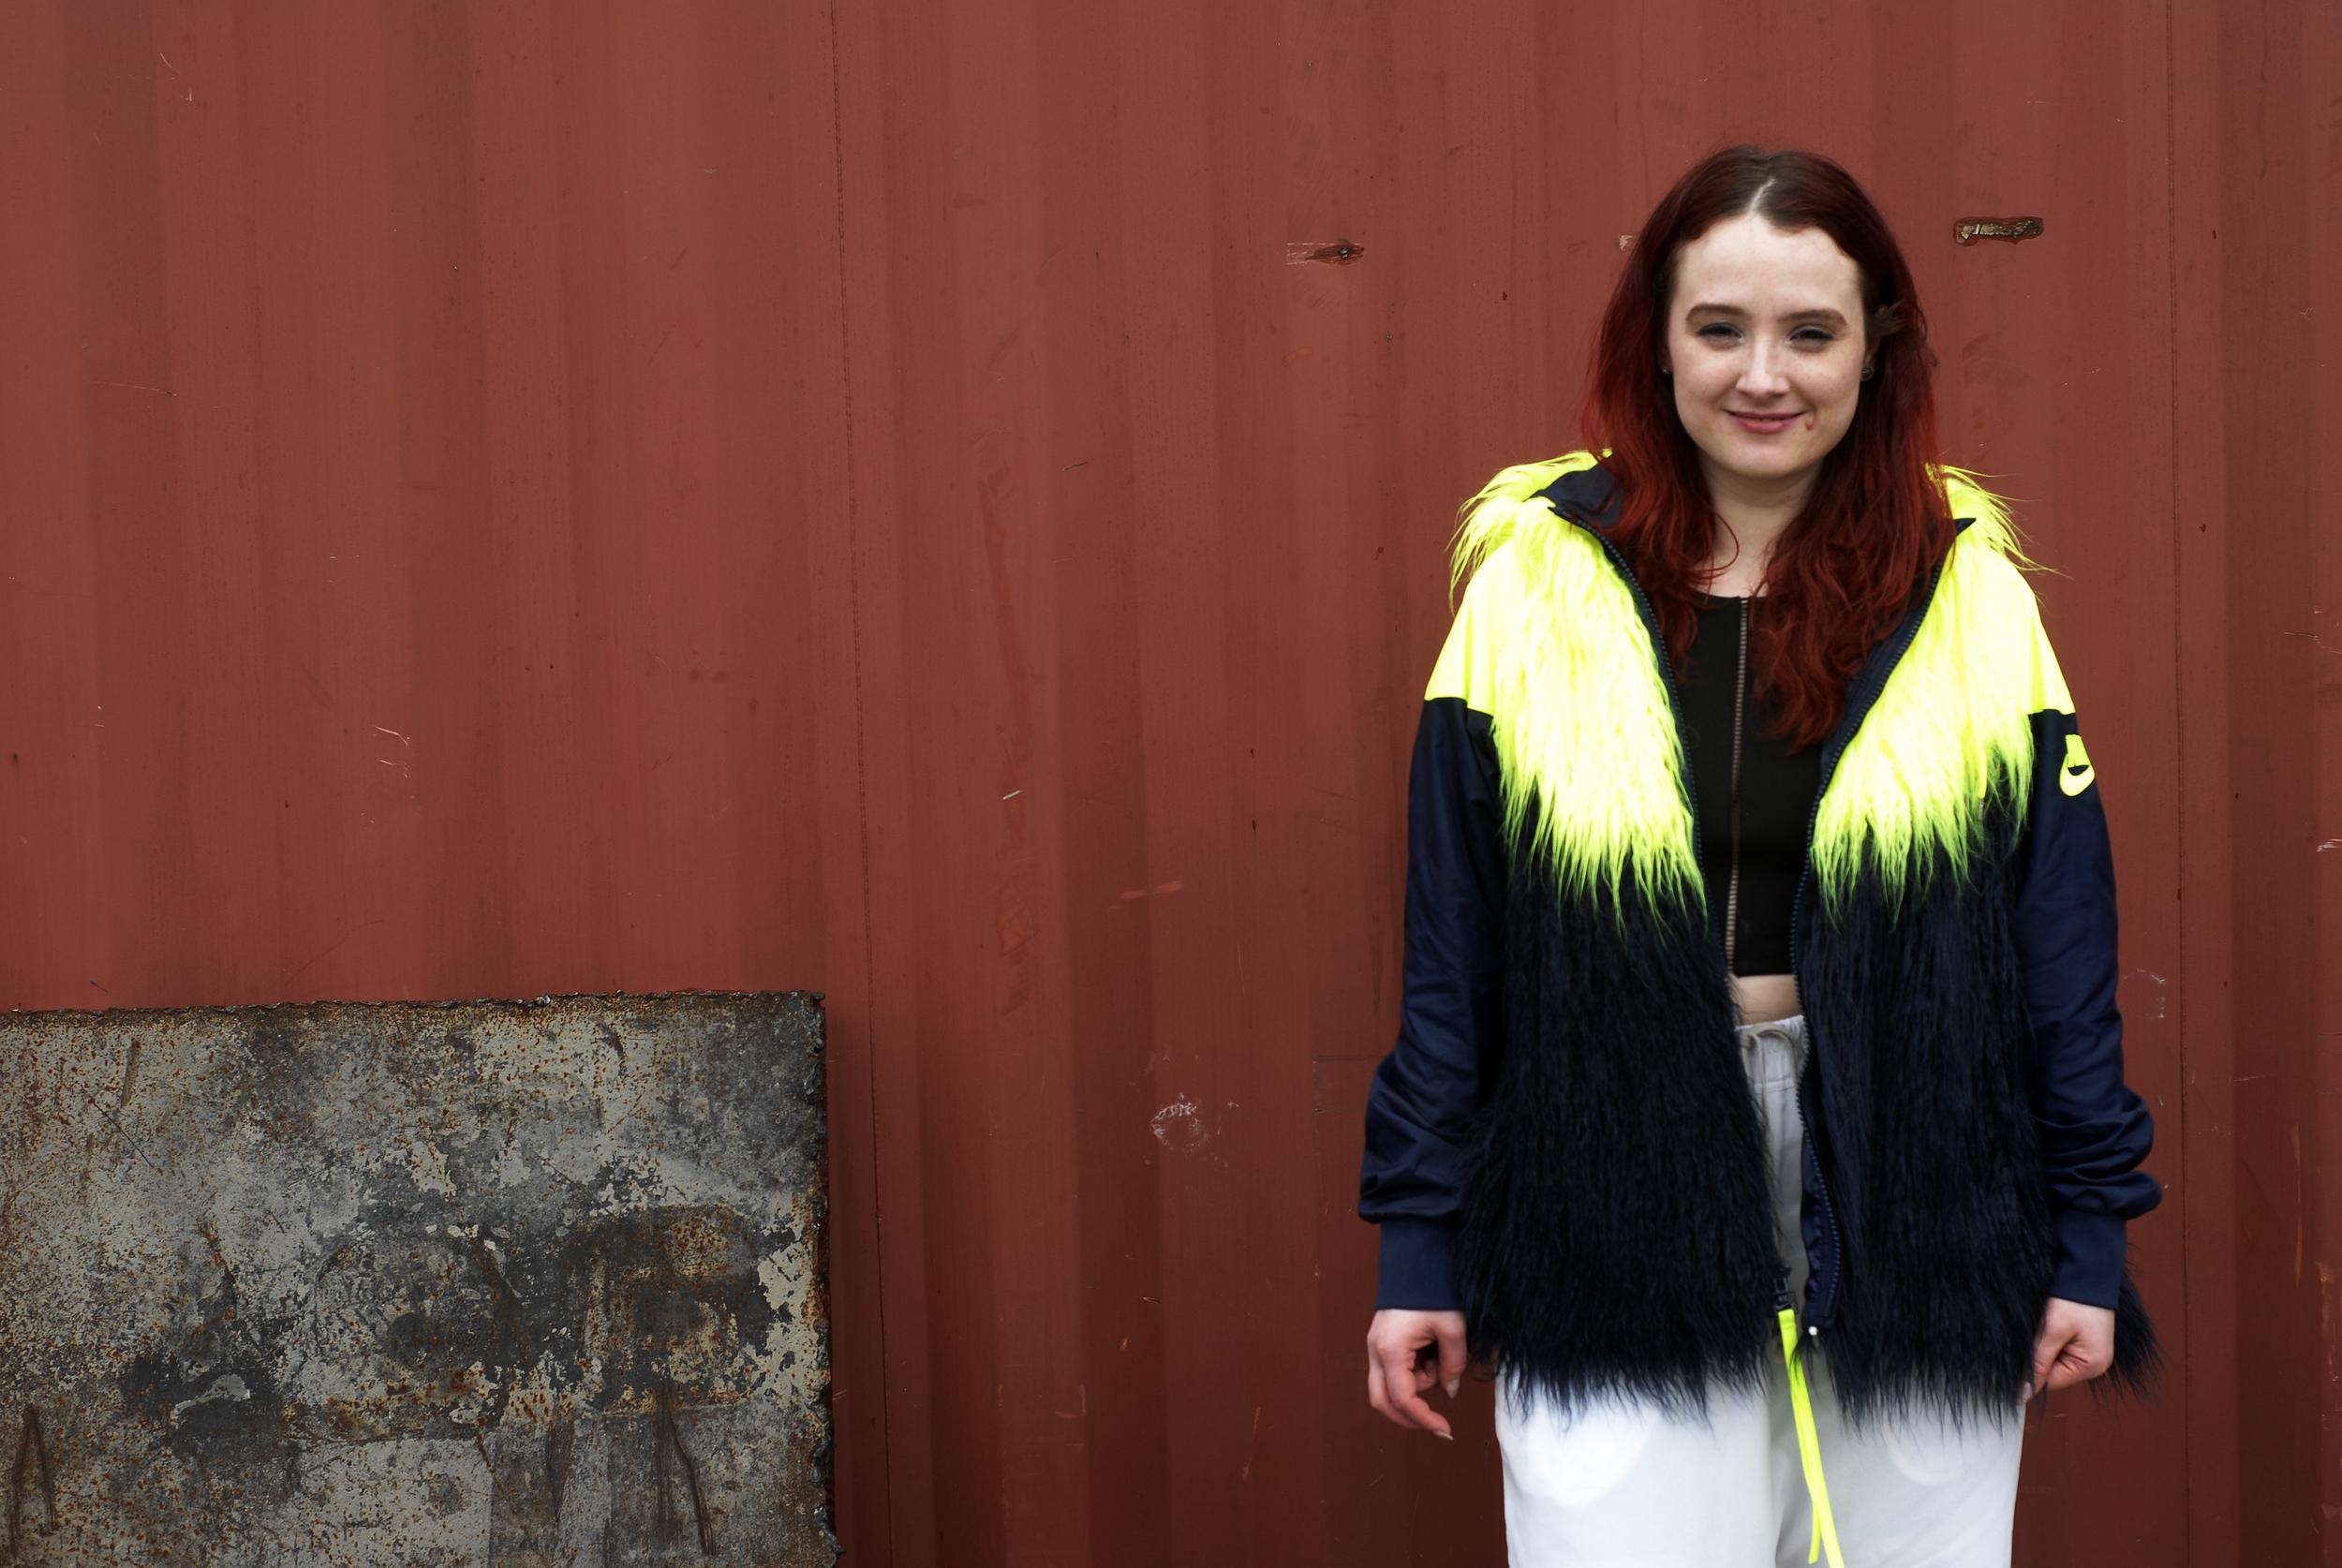 meganannwilson-shegotgame-shegotstyle-nikelab-sacai-windrunner-nike-sportswear-fur14.JPG